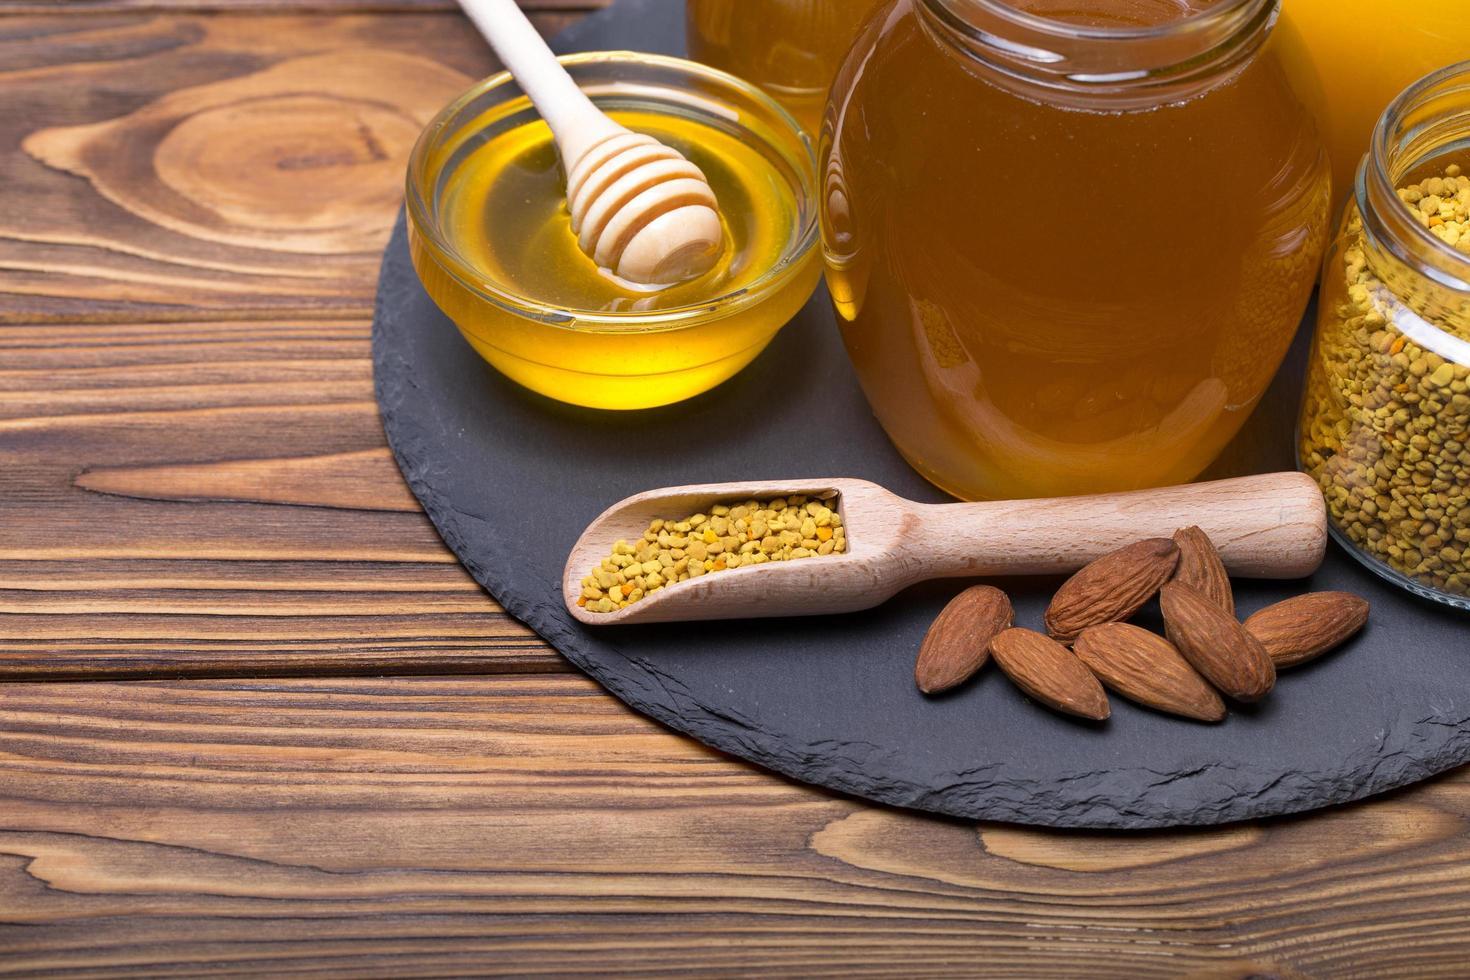 Honig mit Honiglöffel aus Holz auf Holztisch foto